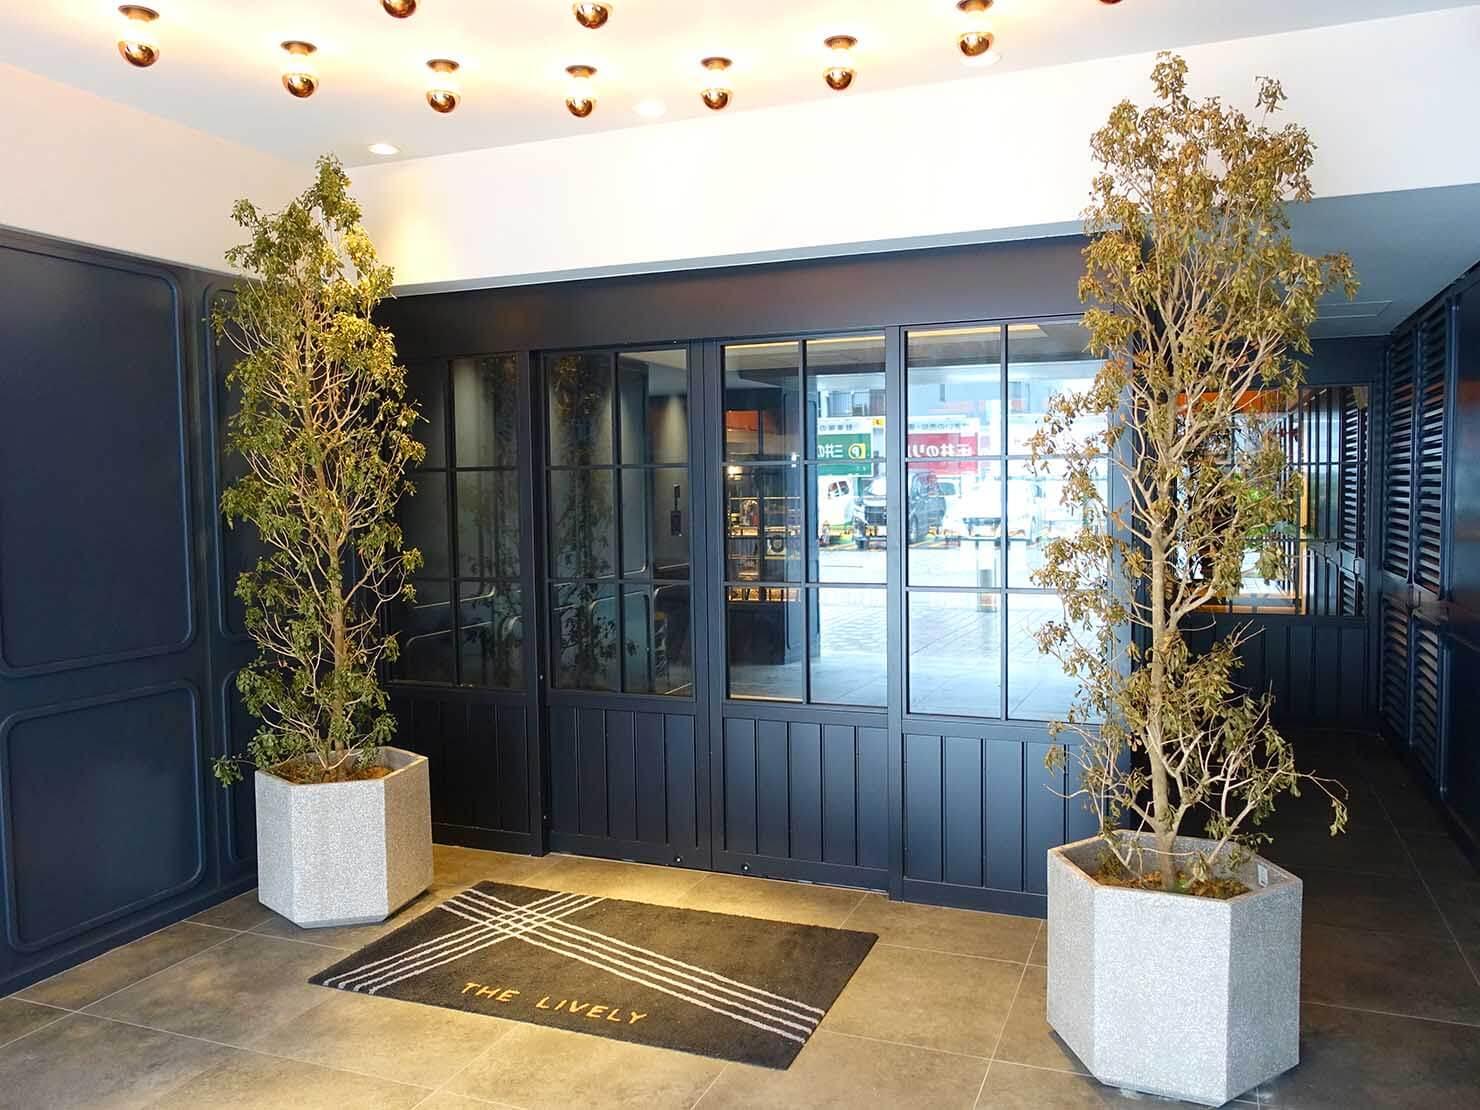 福岡・中洲川端にあるおしゃれなおすすめホテル「THE LIVELY」のエントランス